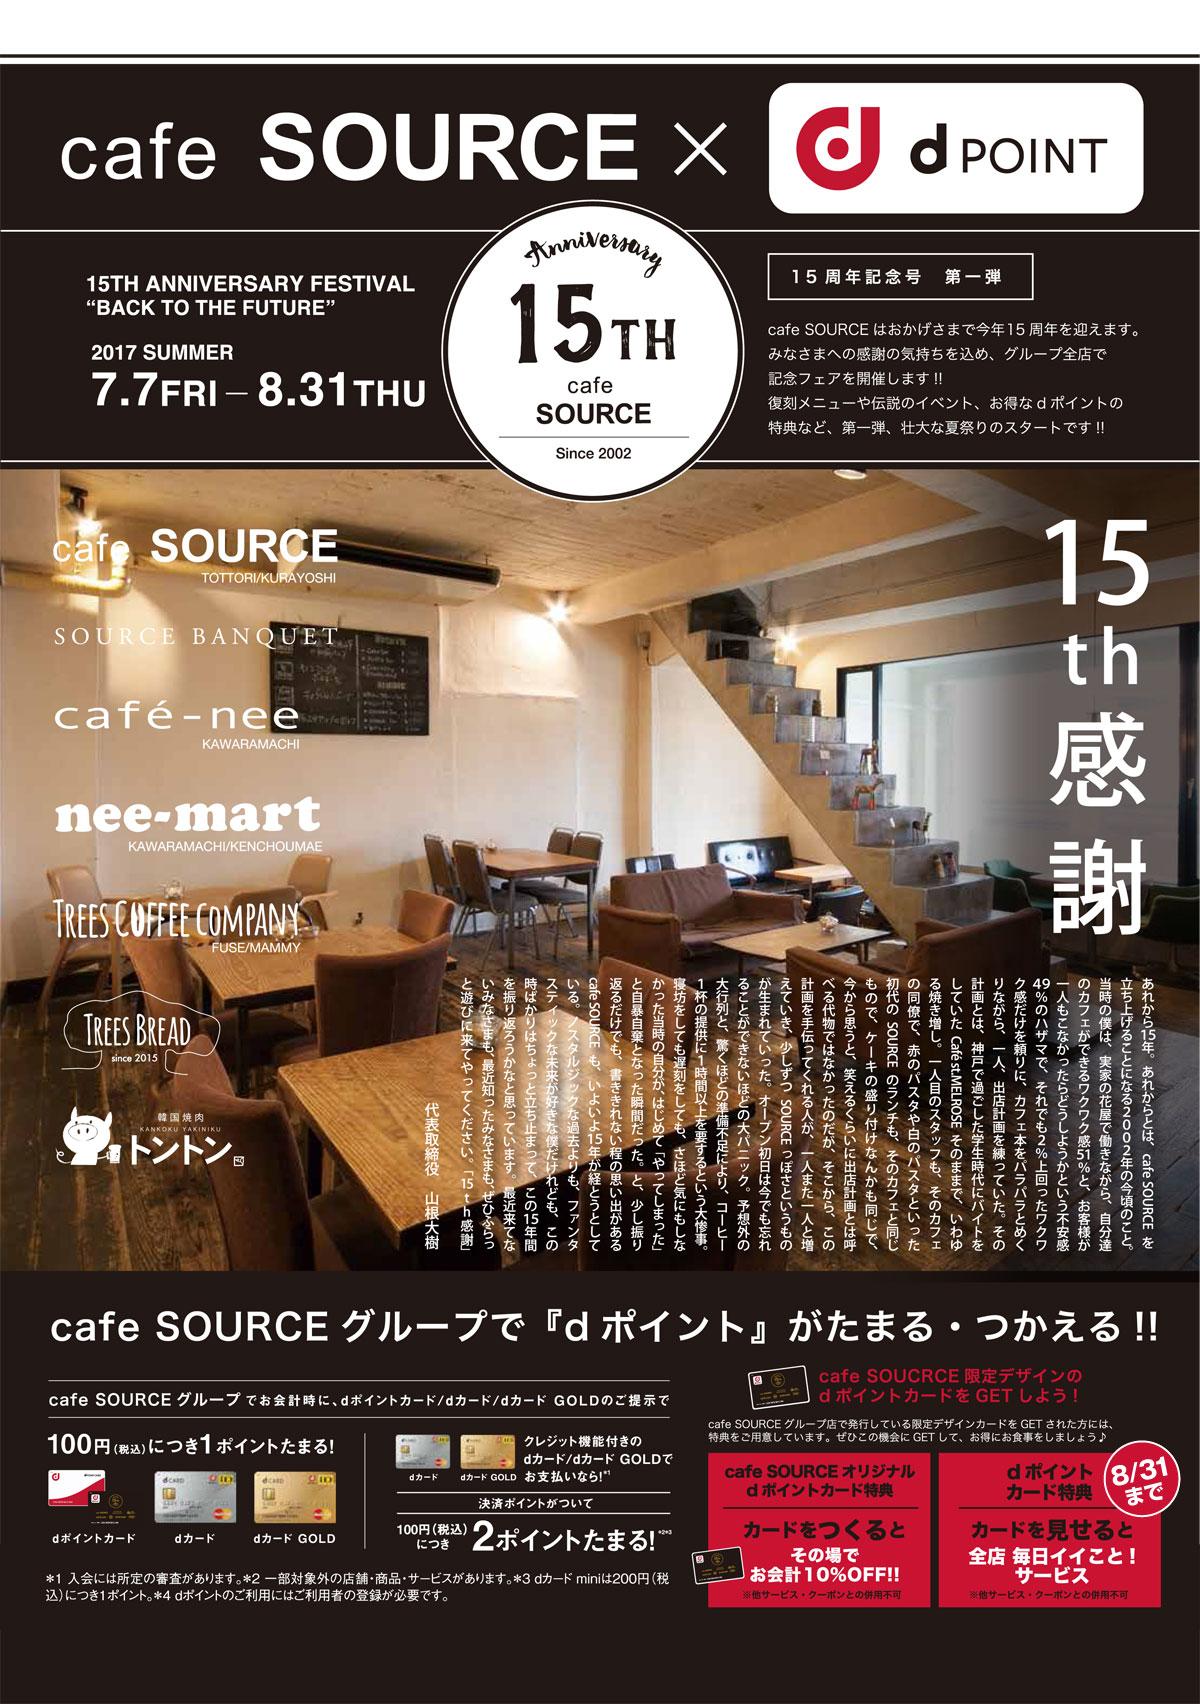 【9月8日まで】カフェソース15周年記念フェア × dポイントカードがたまる・つかえる!